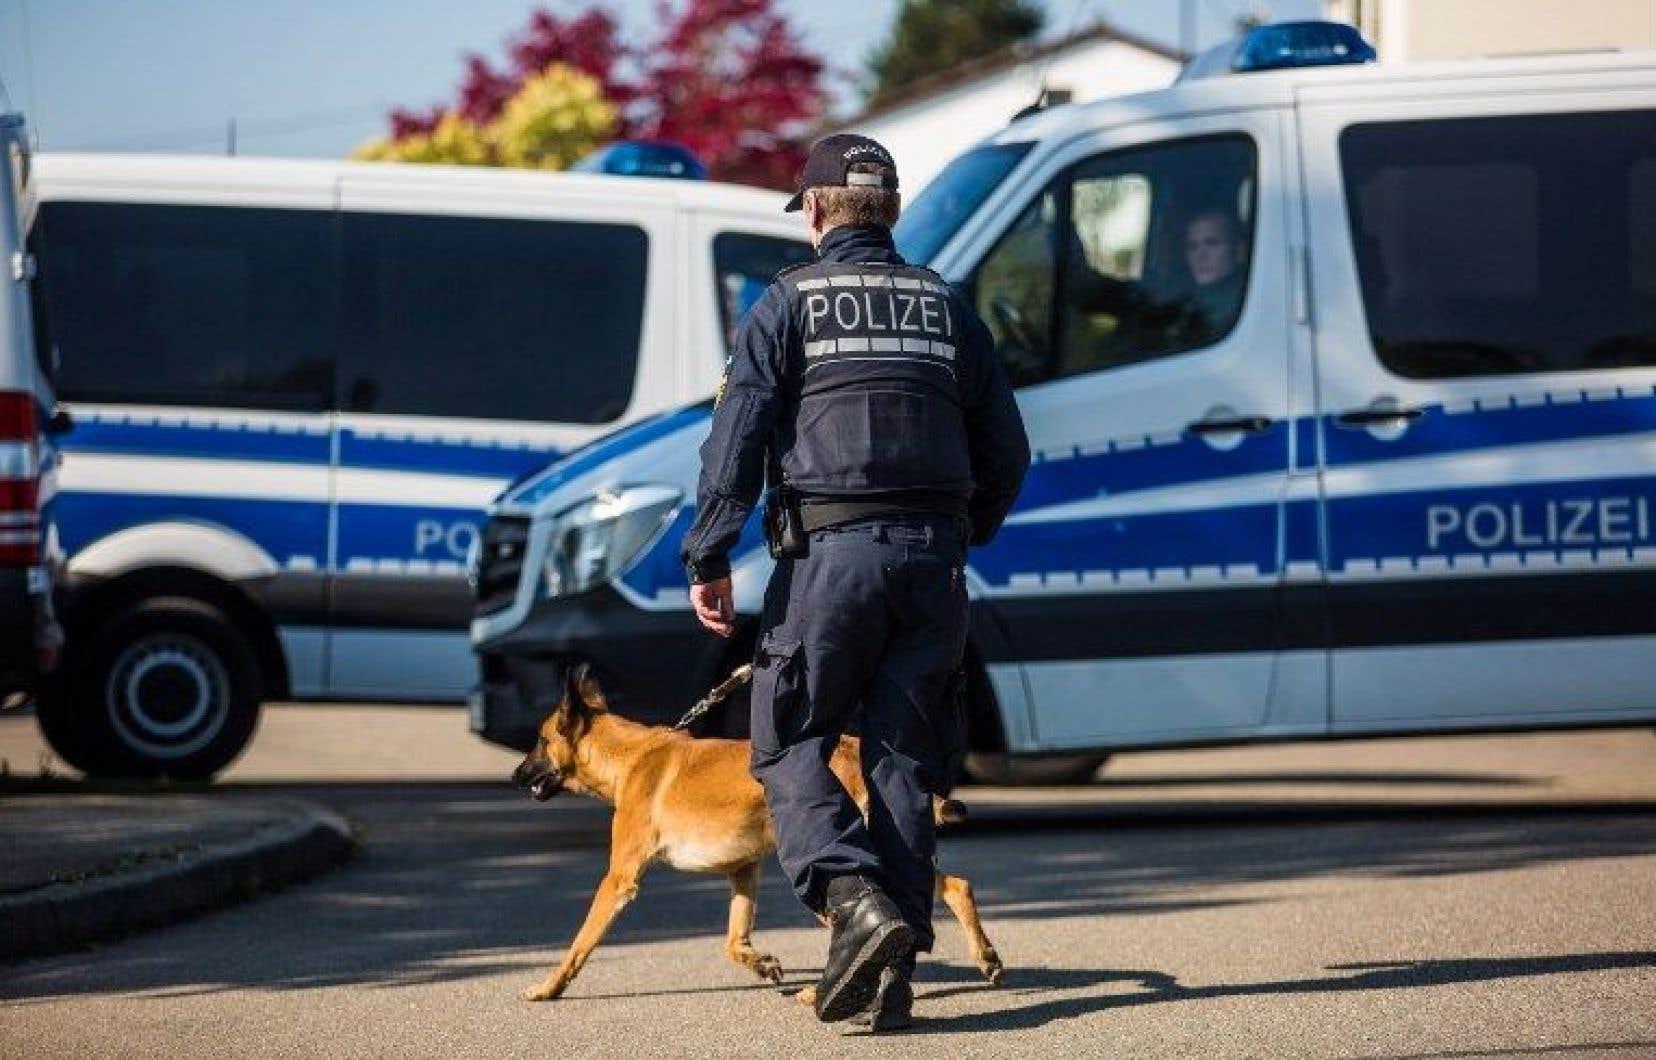 Le suspect a été interpellé par la police dans la région de Tübingen.